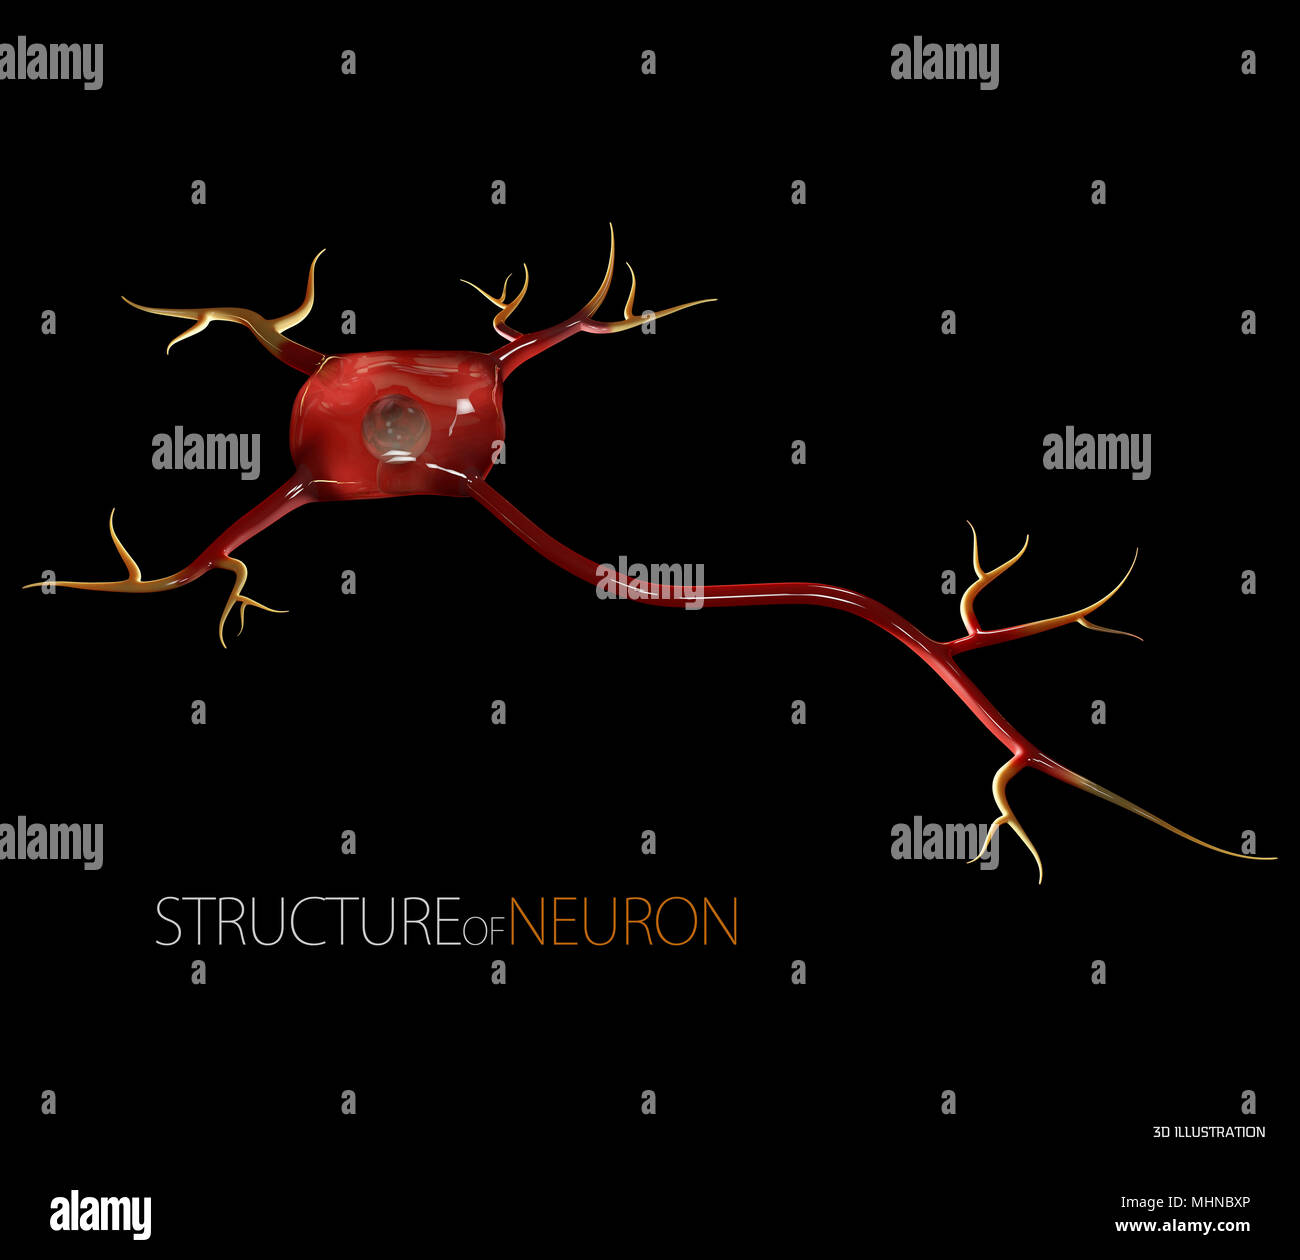 Ilustración 3d de células neuronales, alta resolución en 3D ilustración negro aislado Imagen De Stock